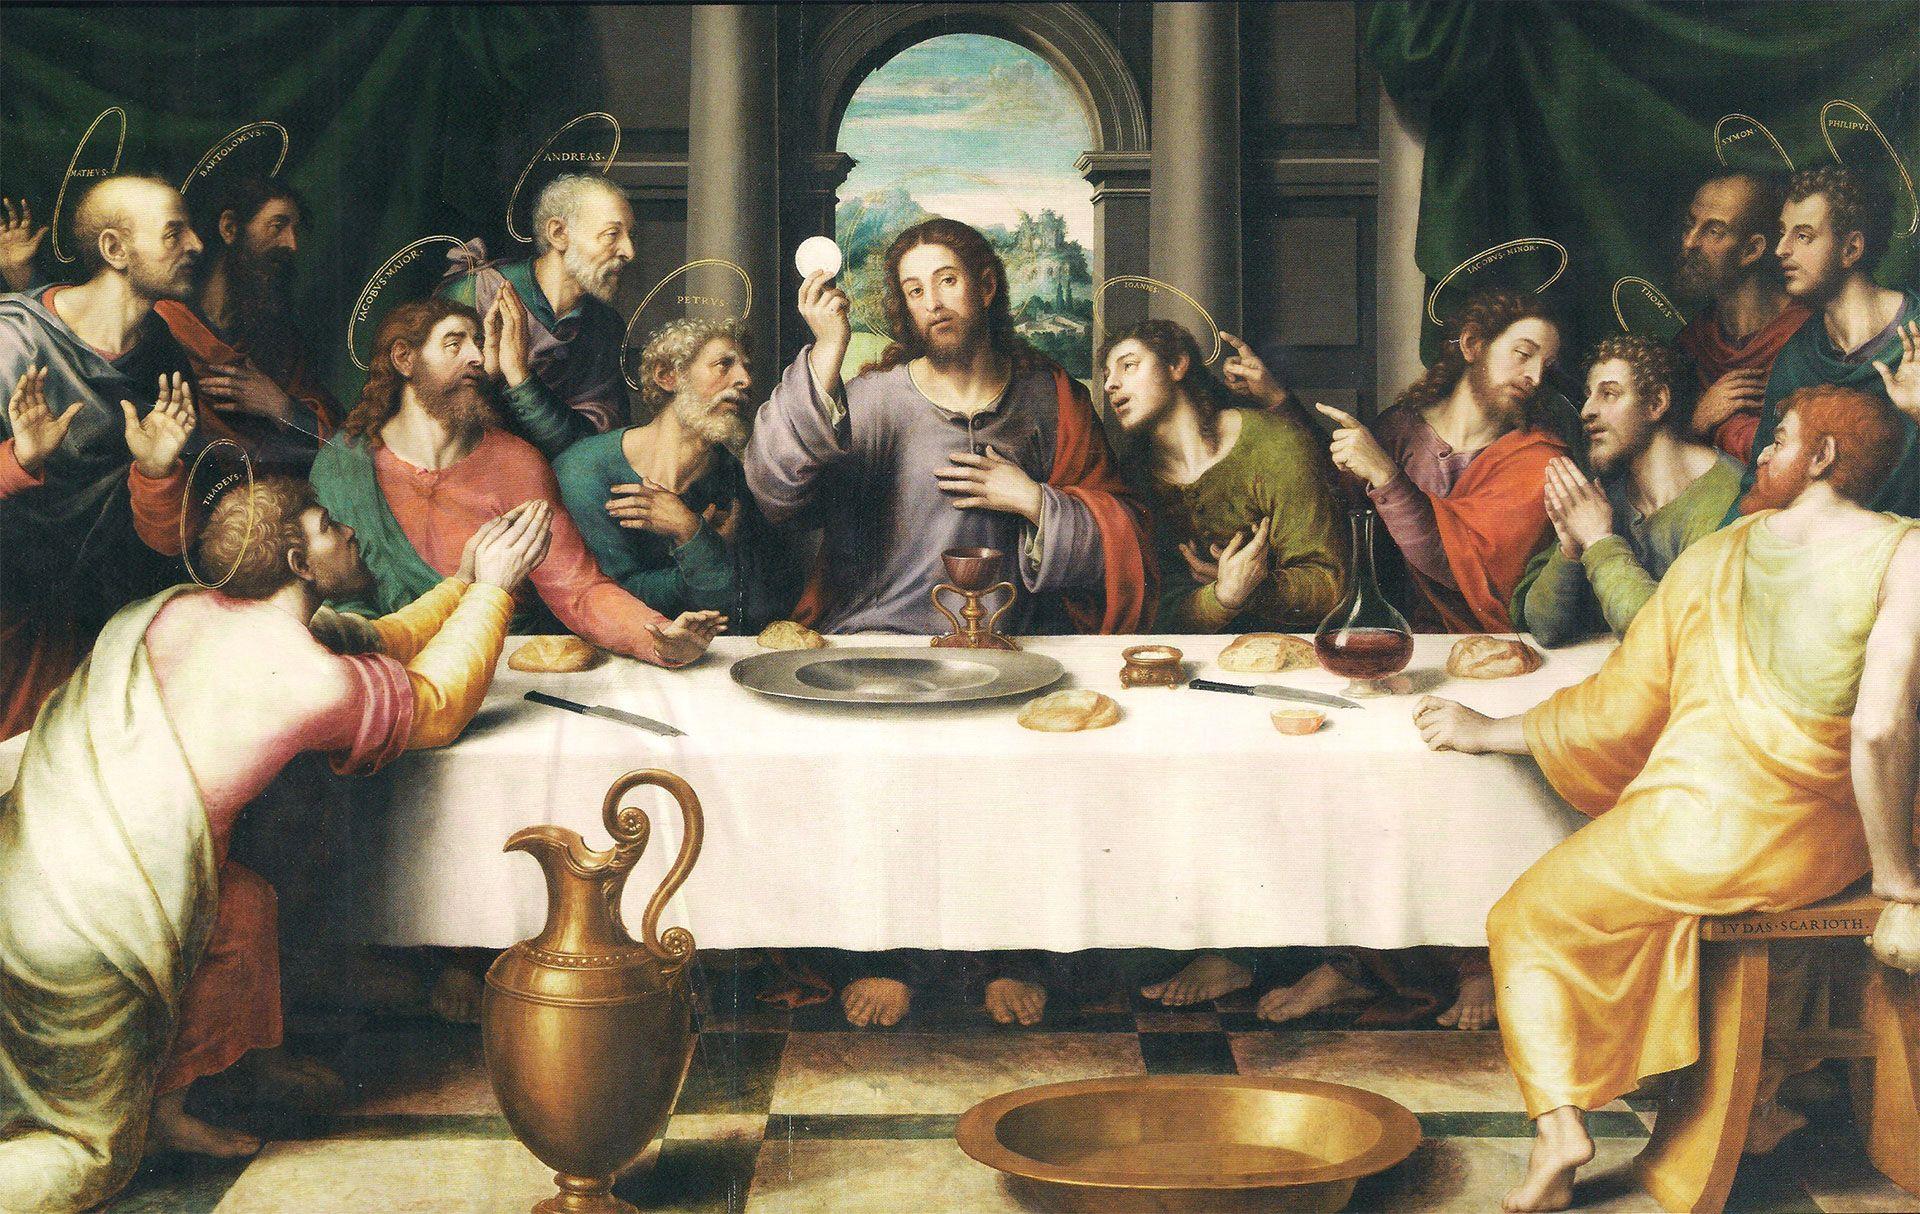 Imágenes y fotos religiosas cristianas para descargar gratis ...